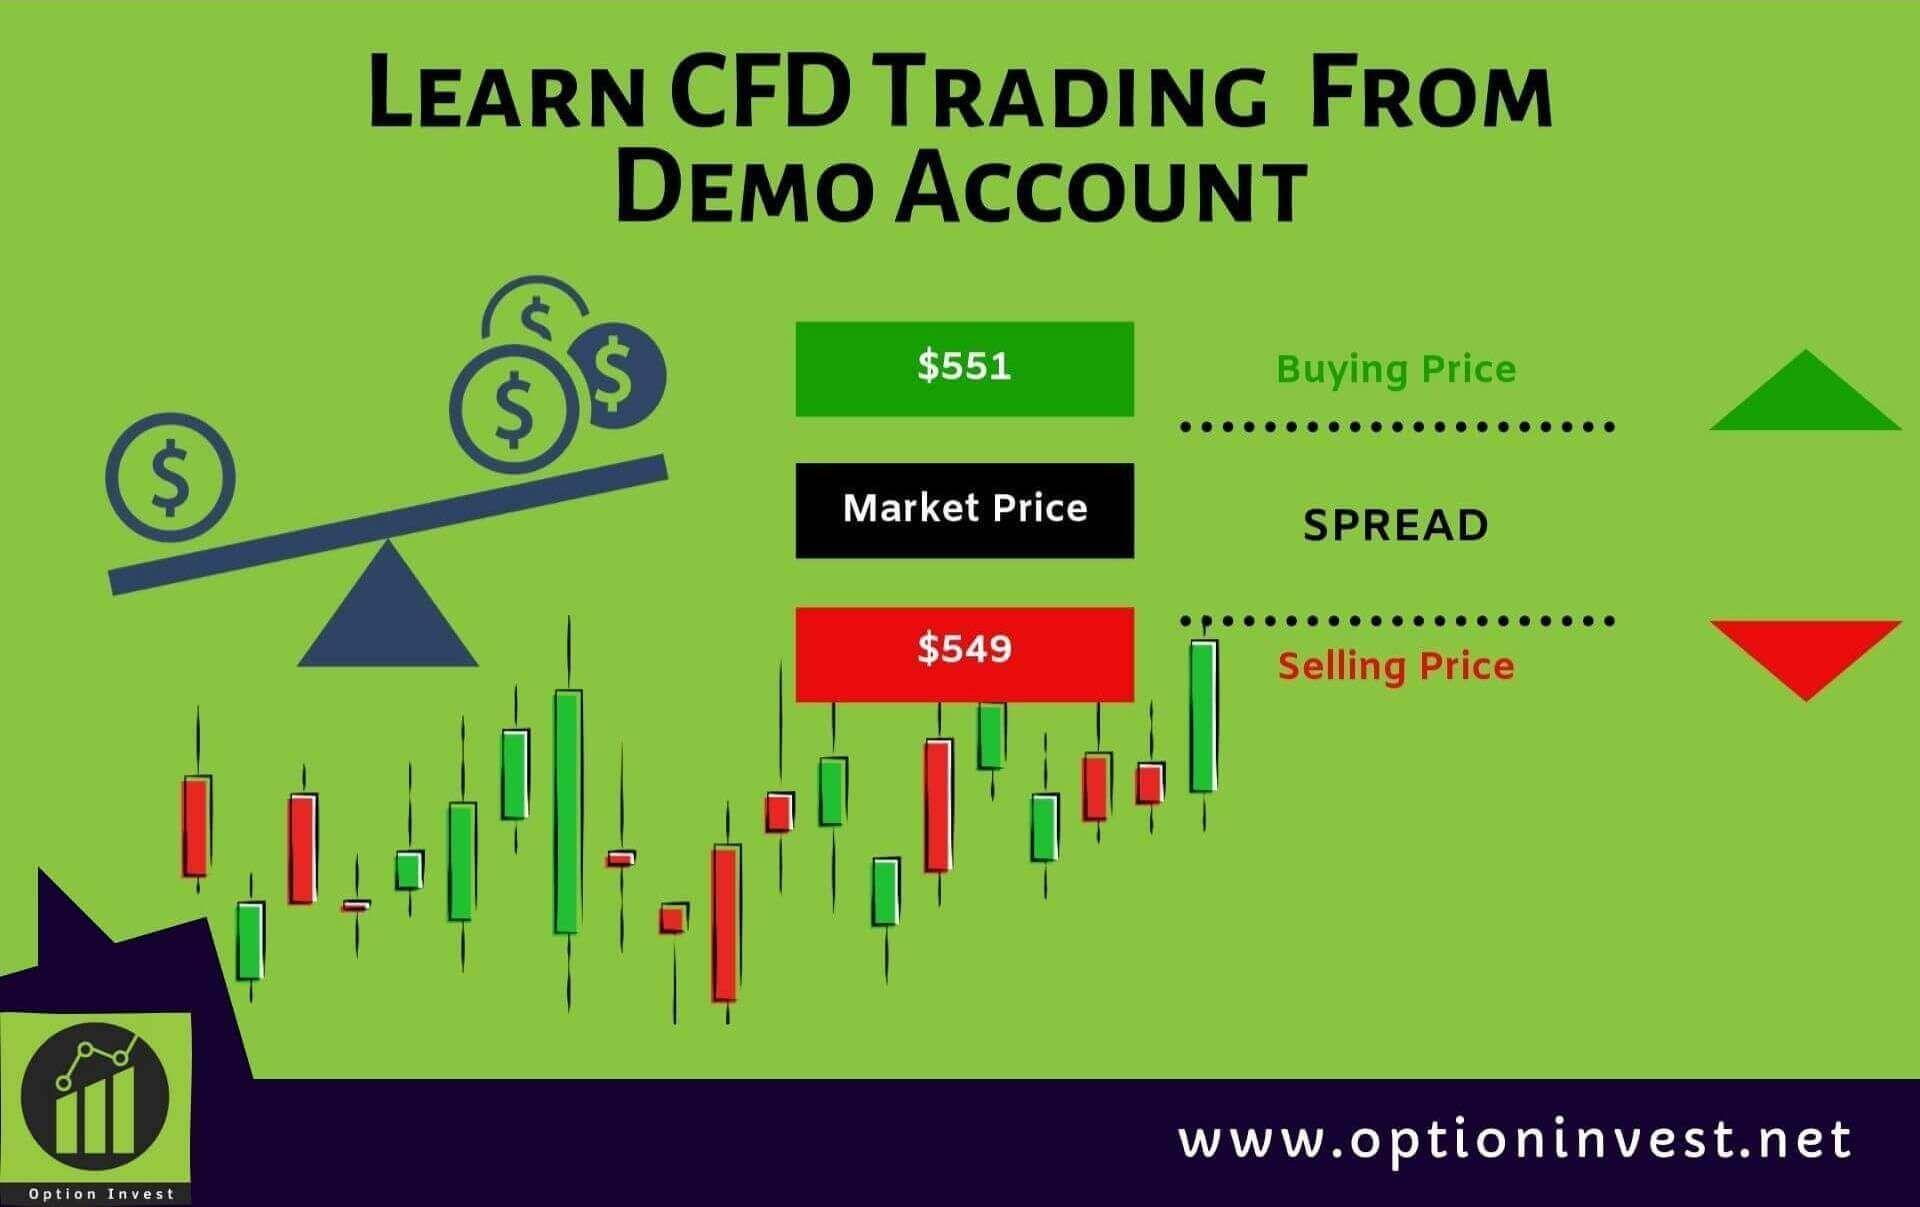 höchste brokerauszahlung für 5-minütige binäre optionen cfd handel demokonto